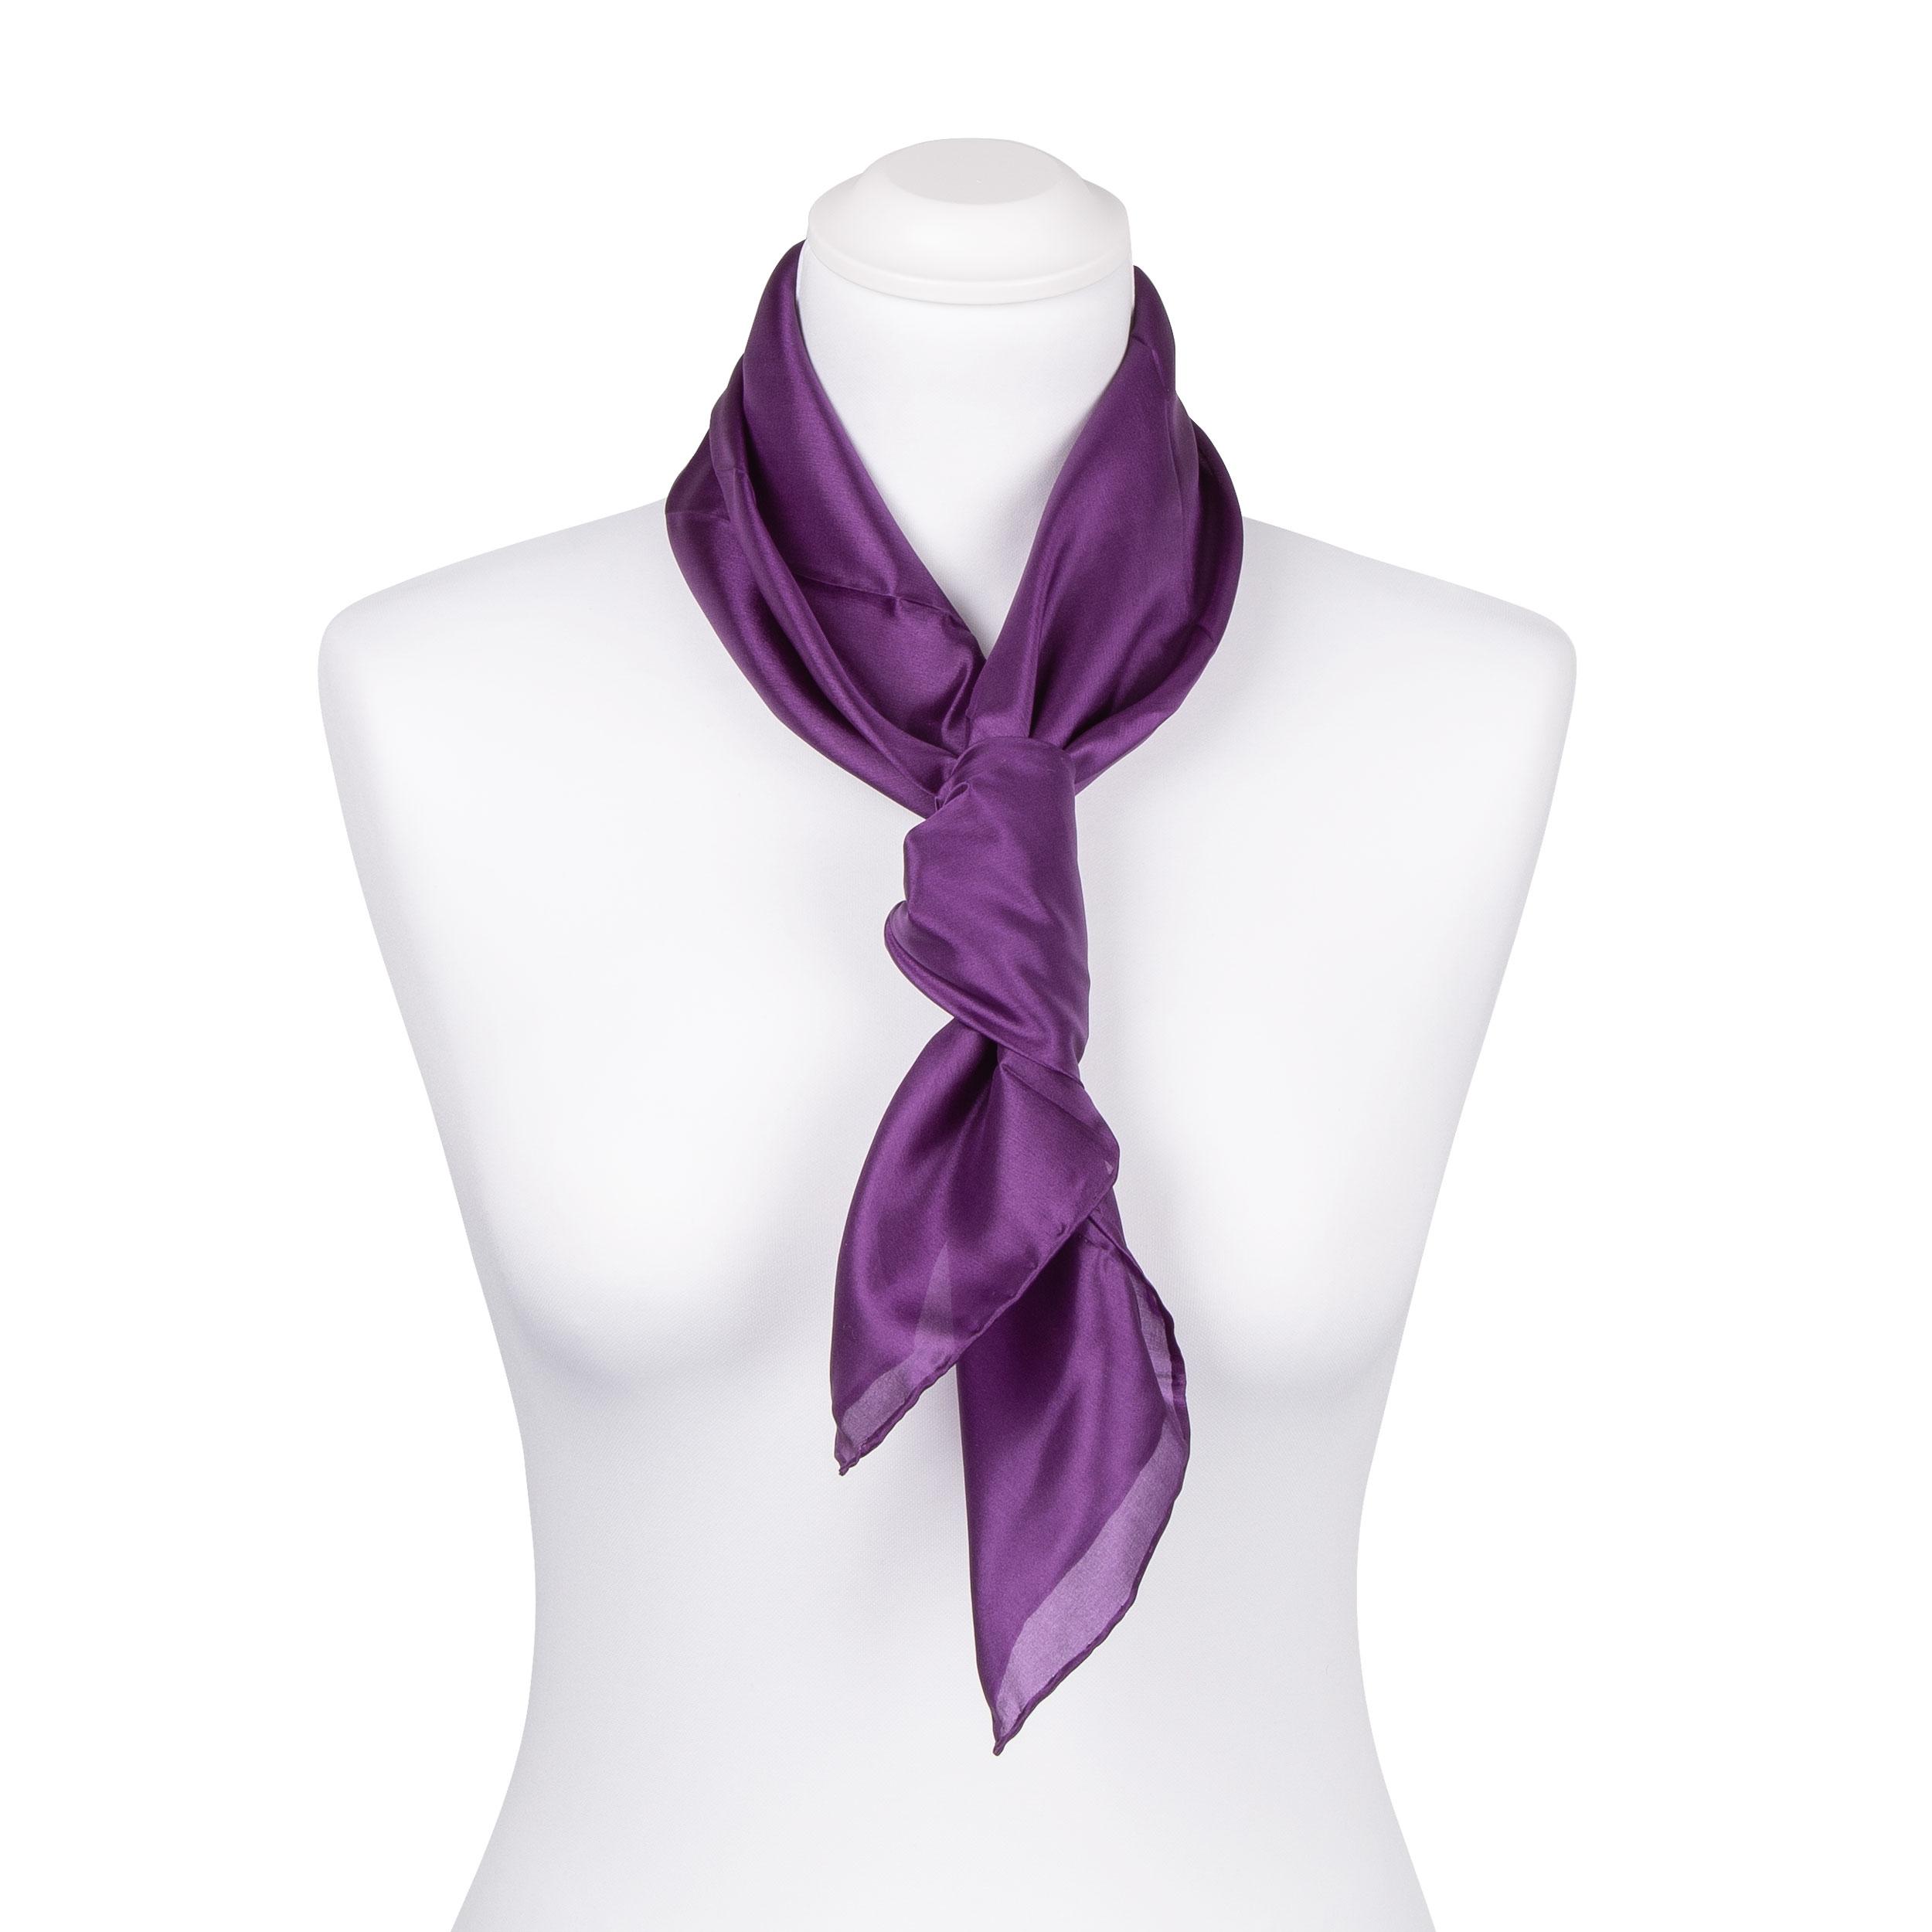 Seidentuch Halstuch Schal violett